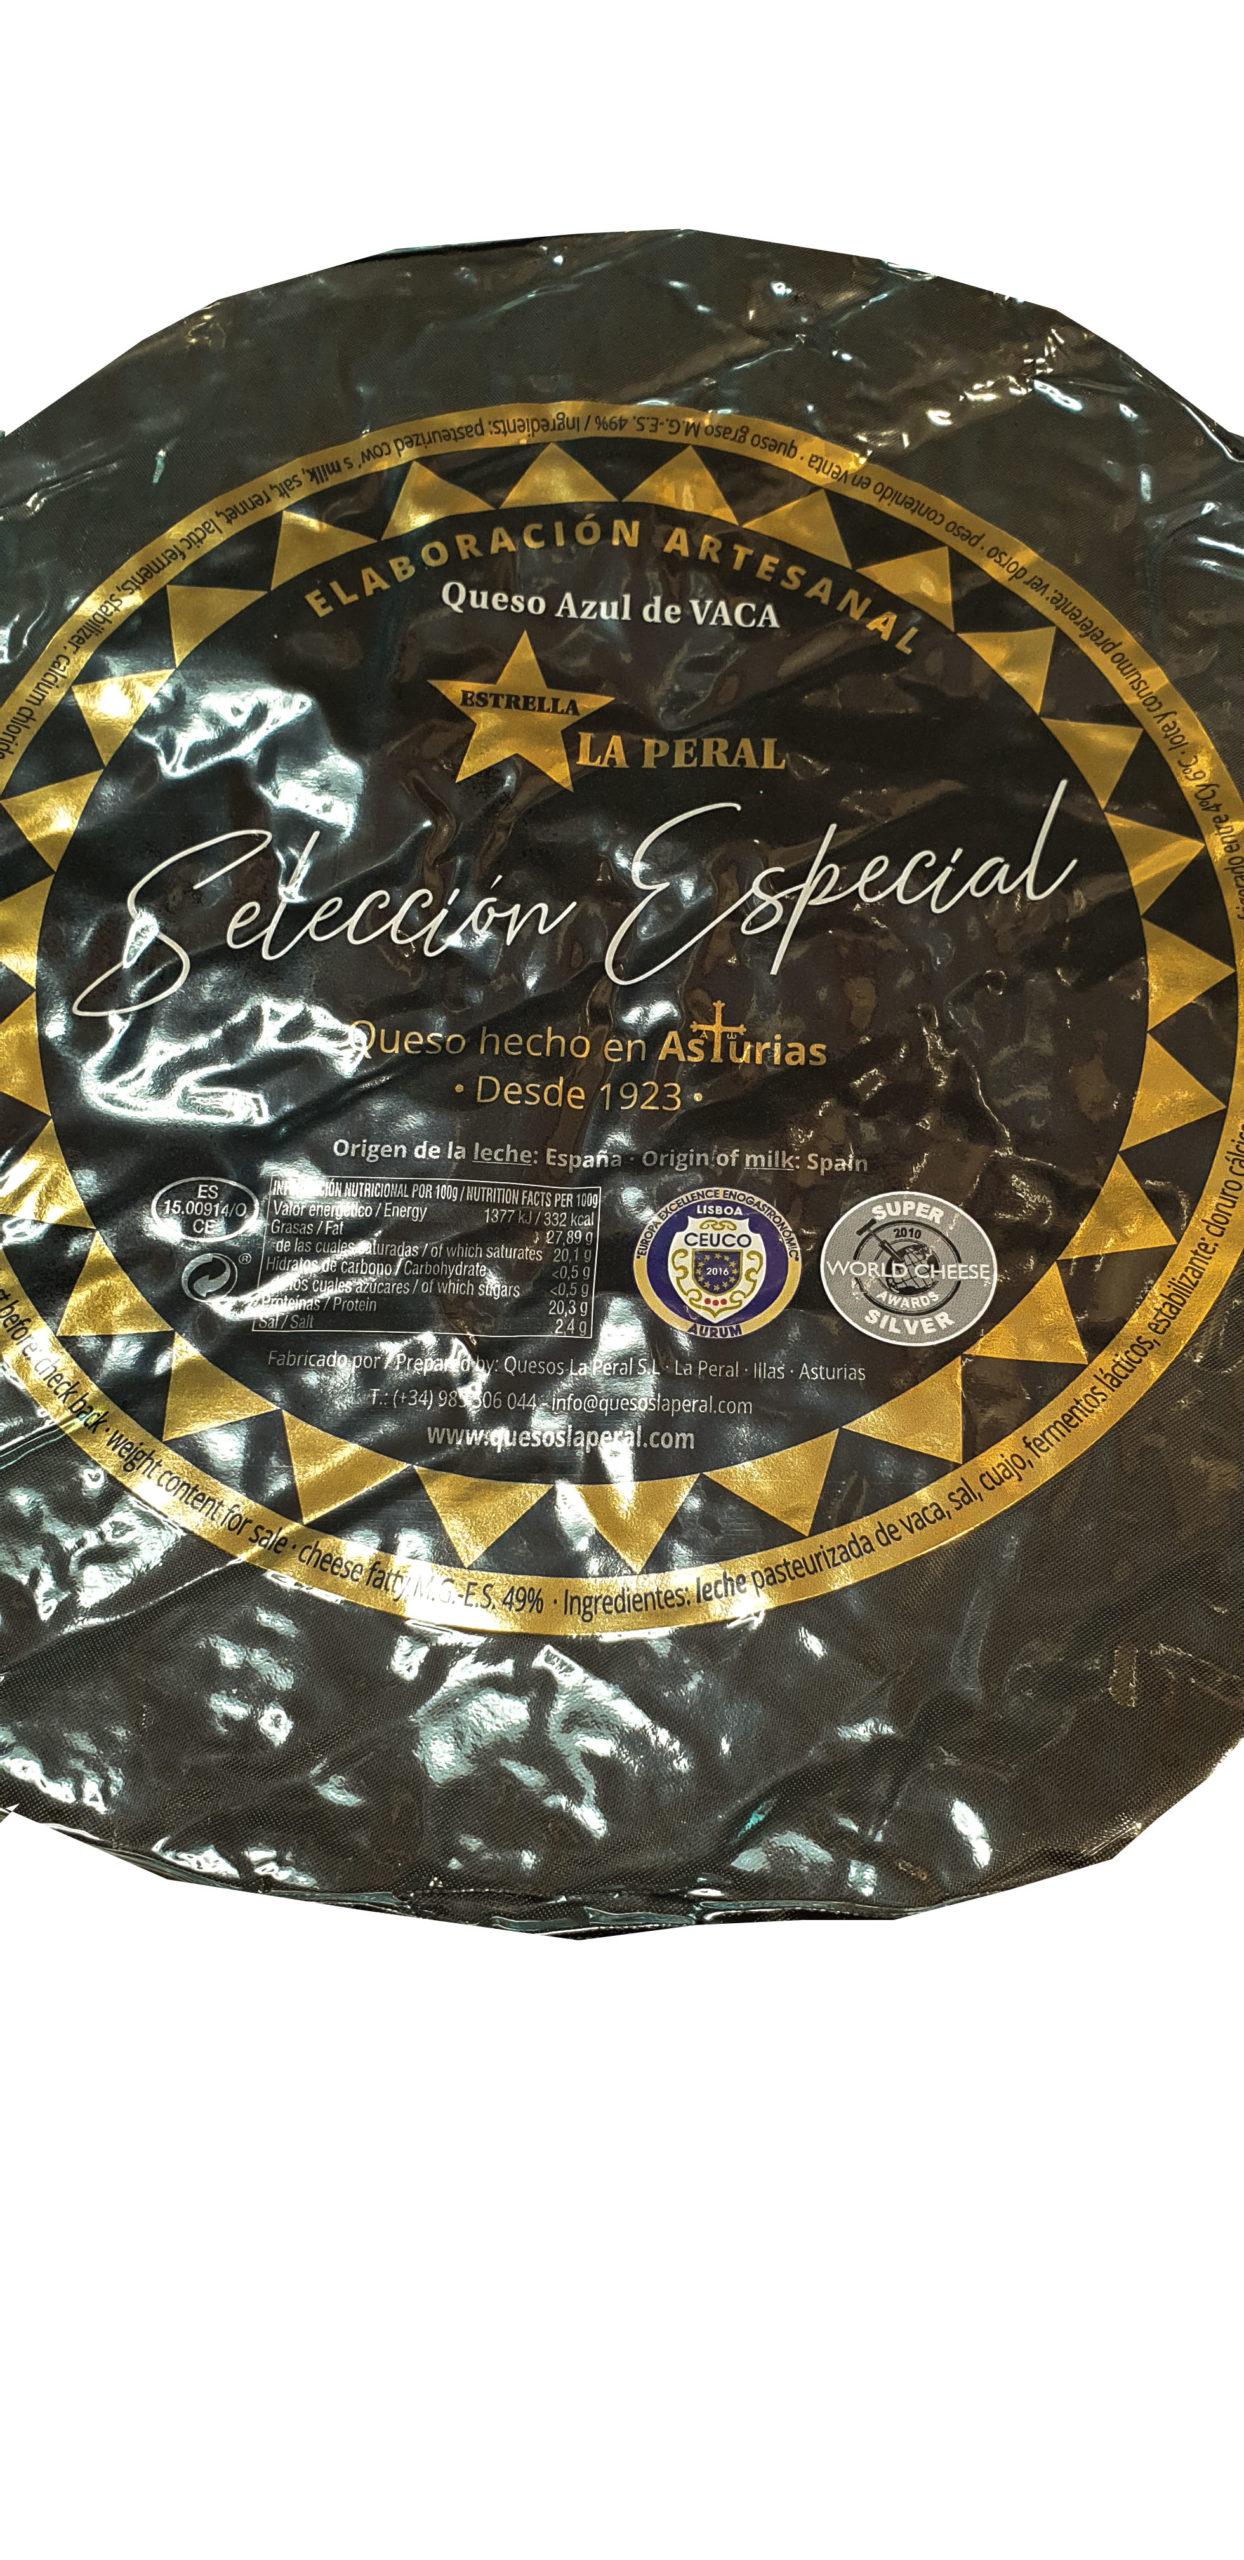 Comprar queso la peral selección especial en quesería gijón asturias